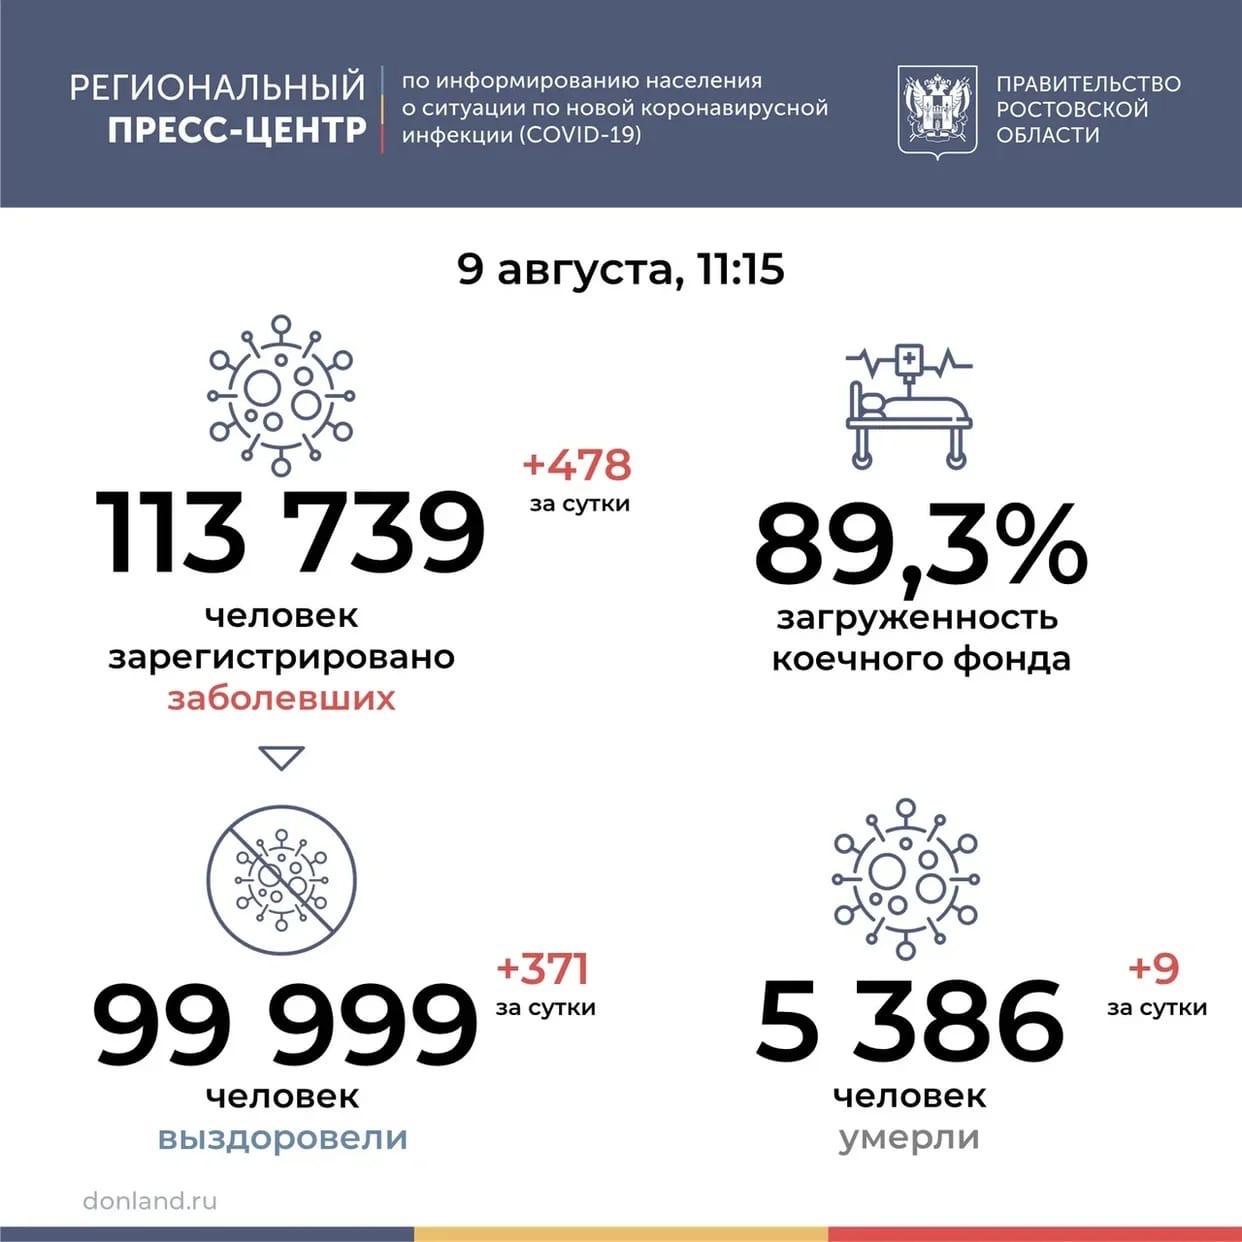 На Дону от COVID-19 за сутки умерли 9 человек